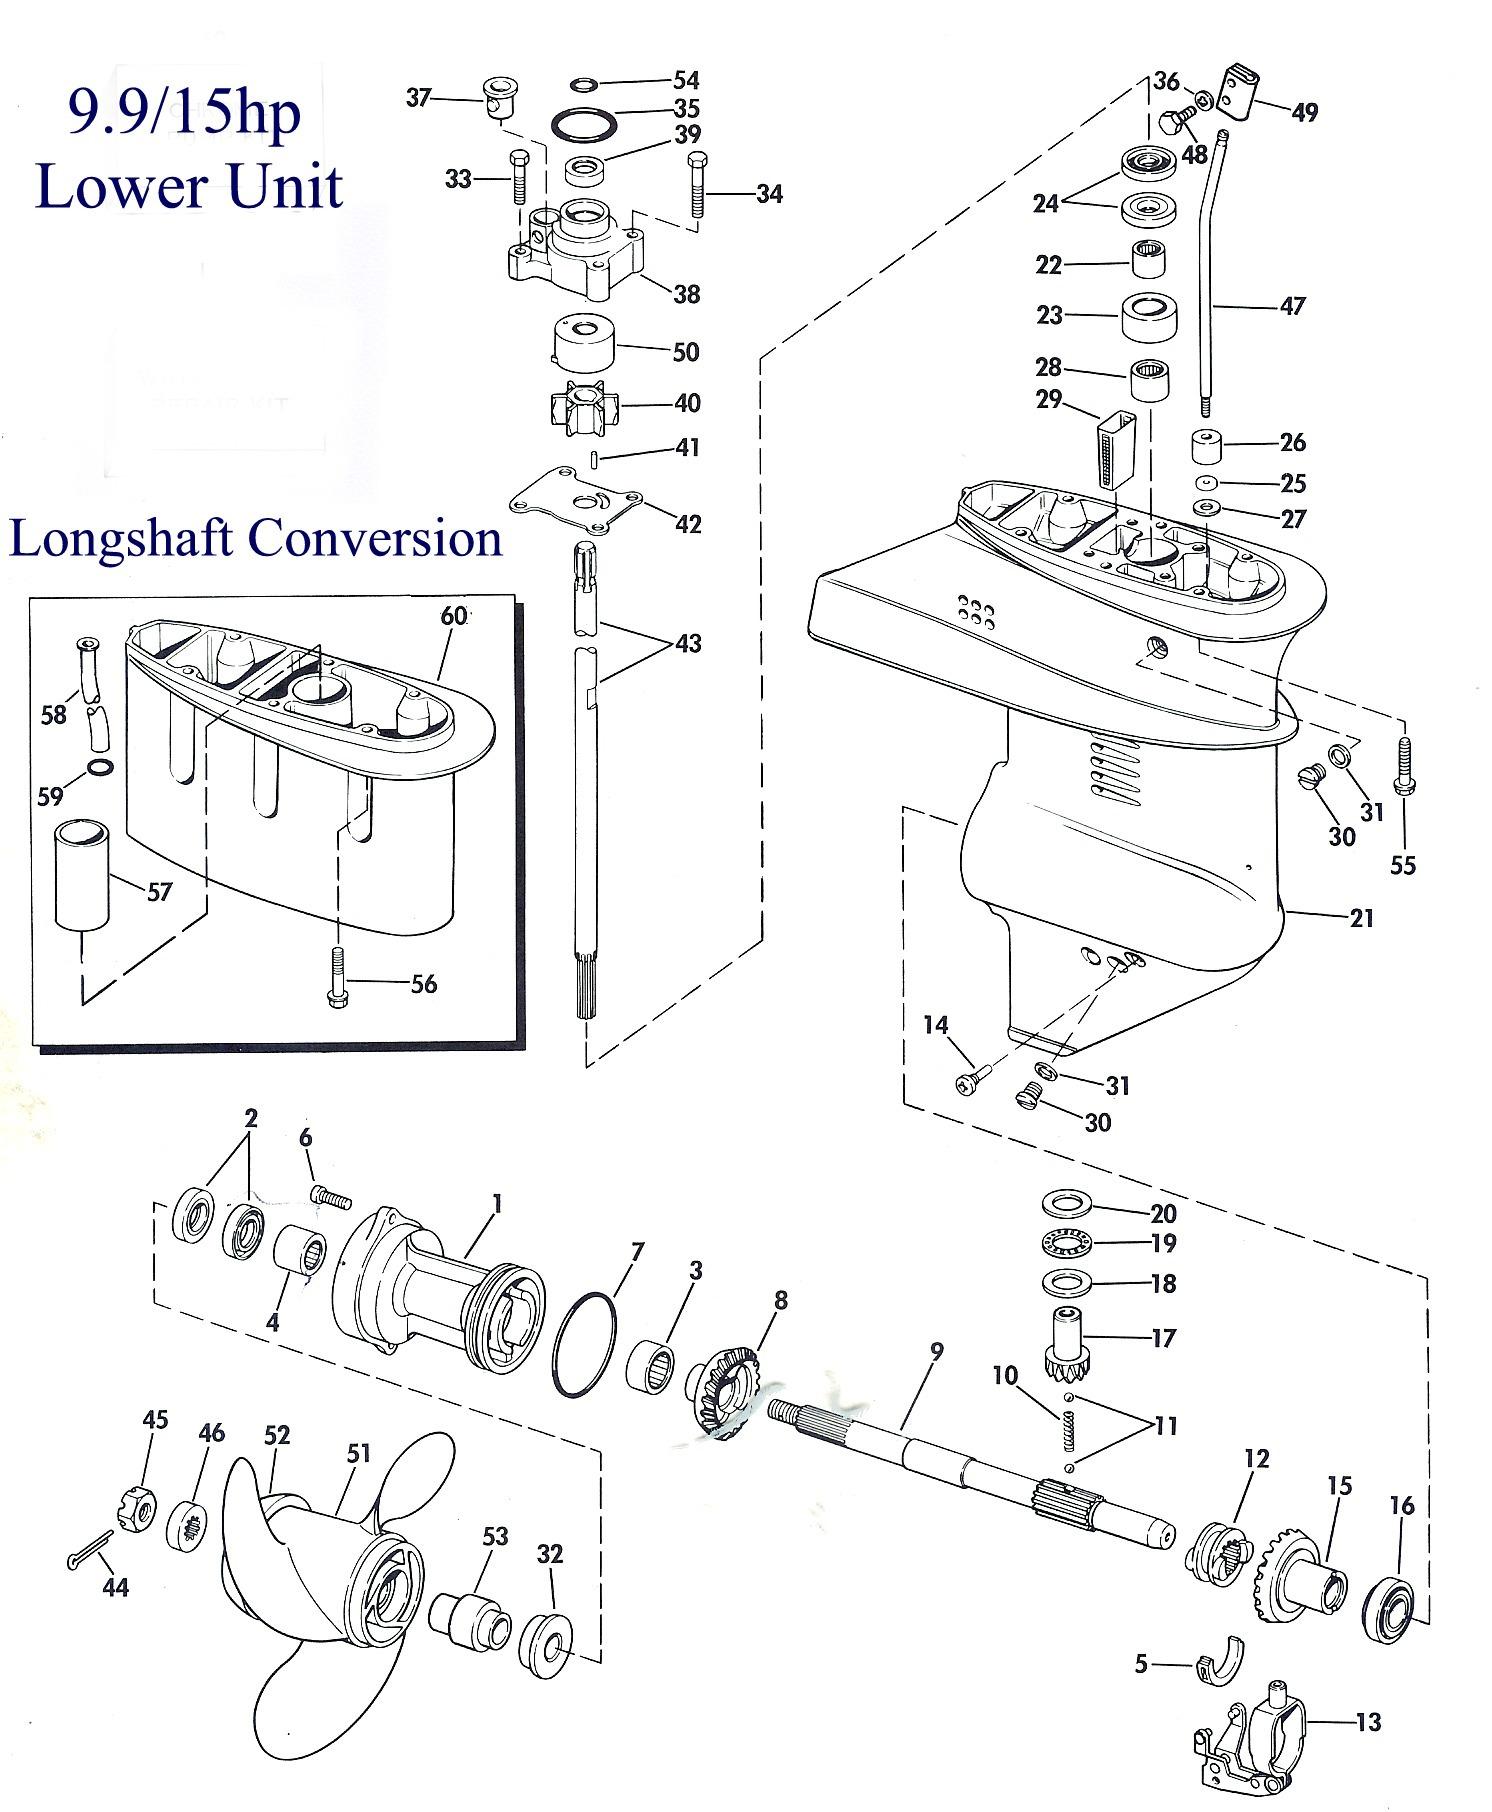 Lower Unit